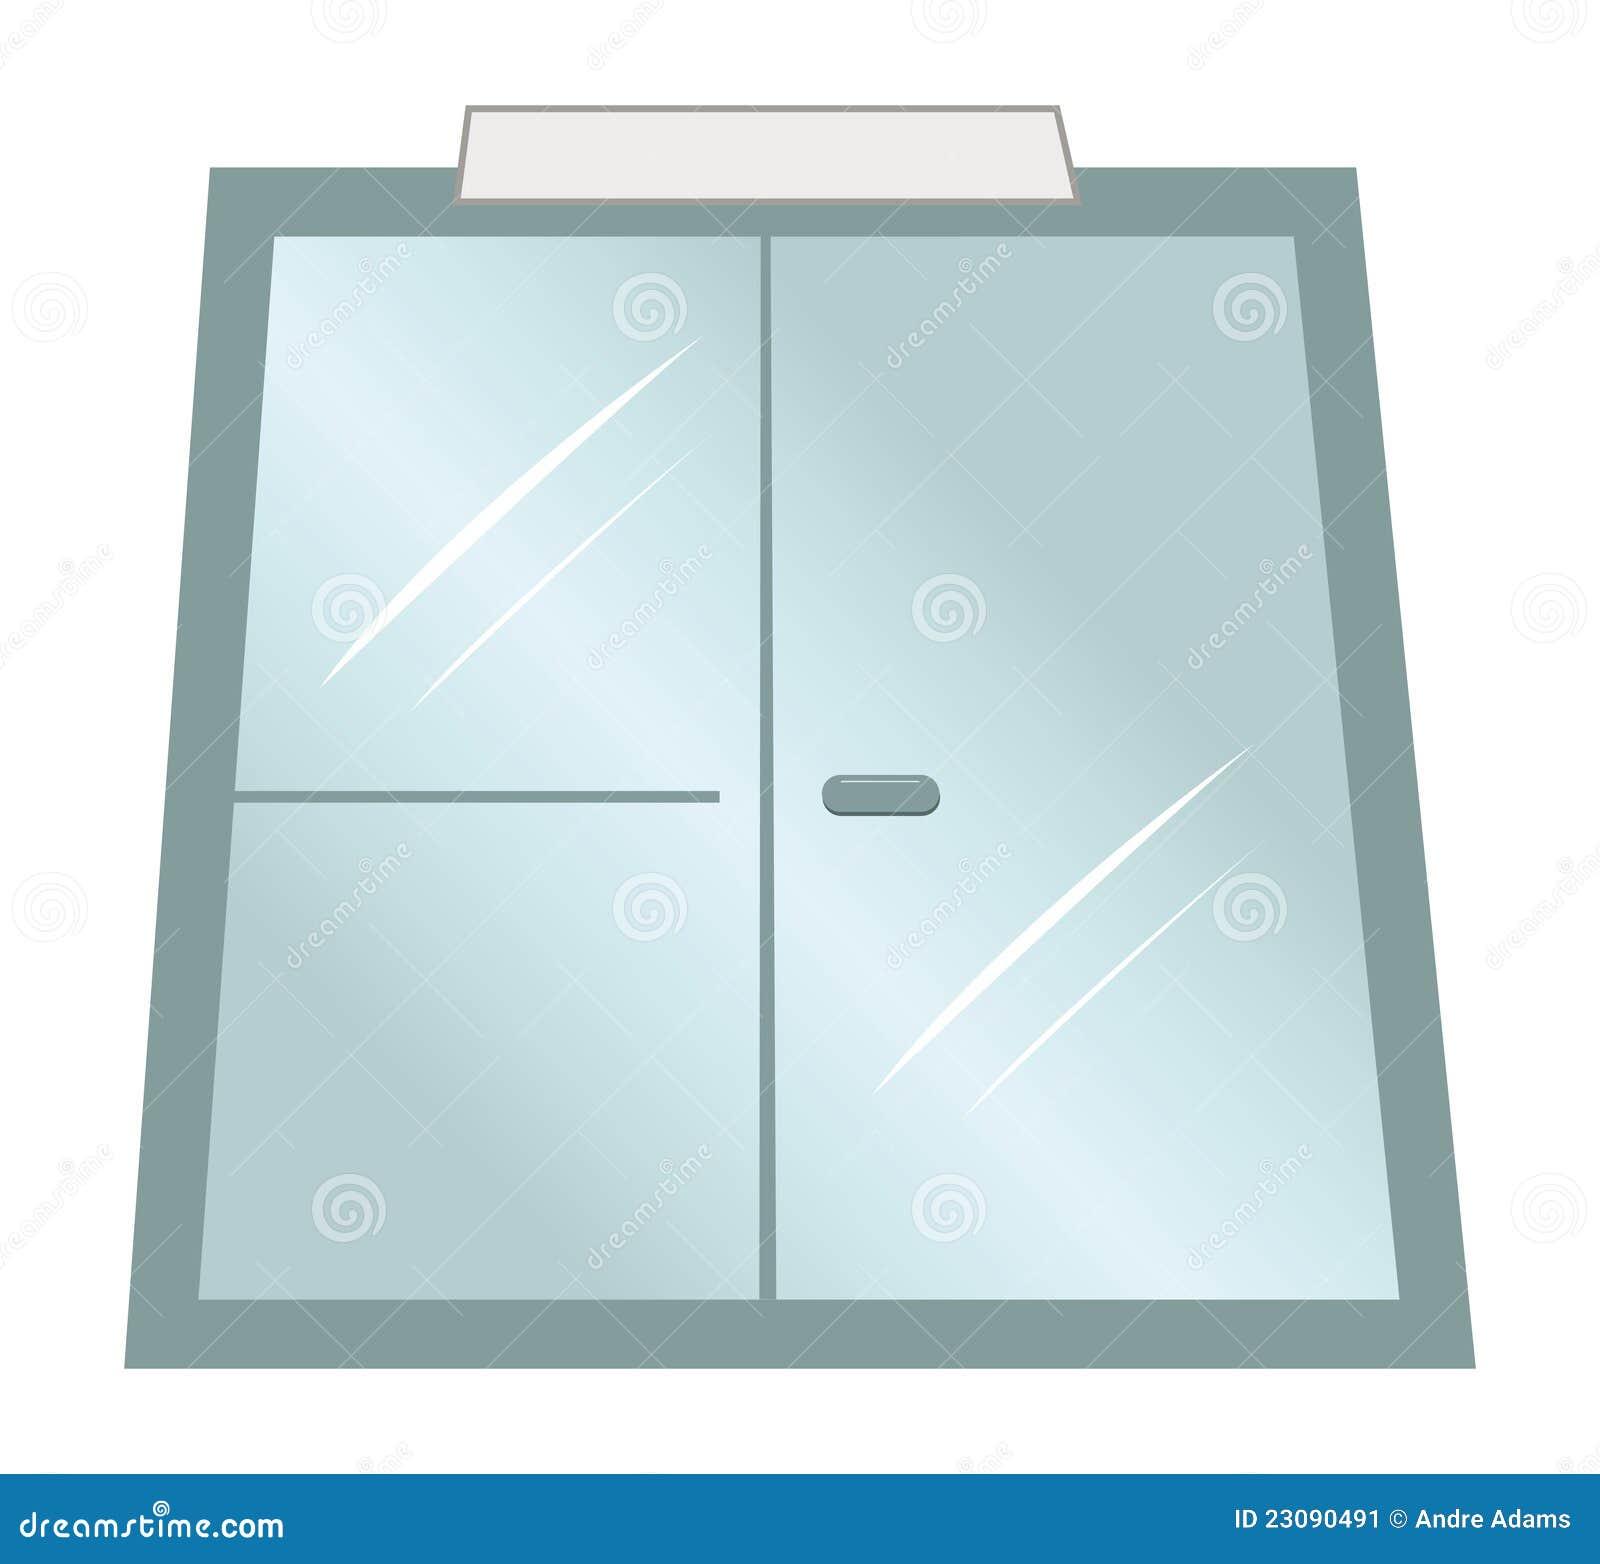 Puertas de cristal ilustraci n del vector ilustraci n de for Imagenes de puertas de cristal